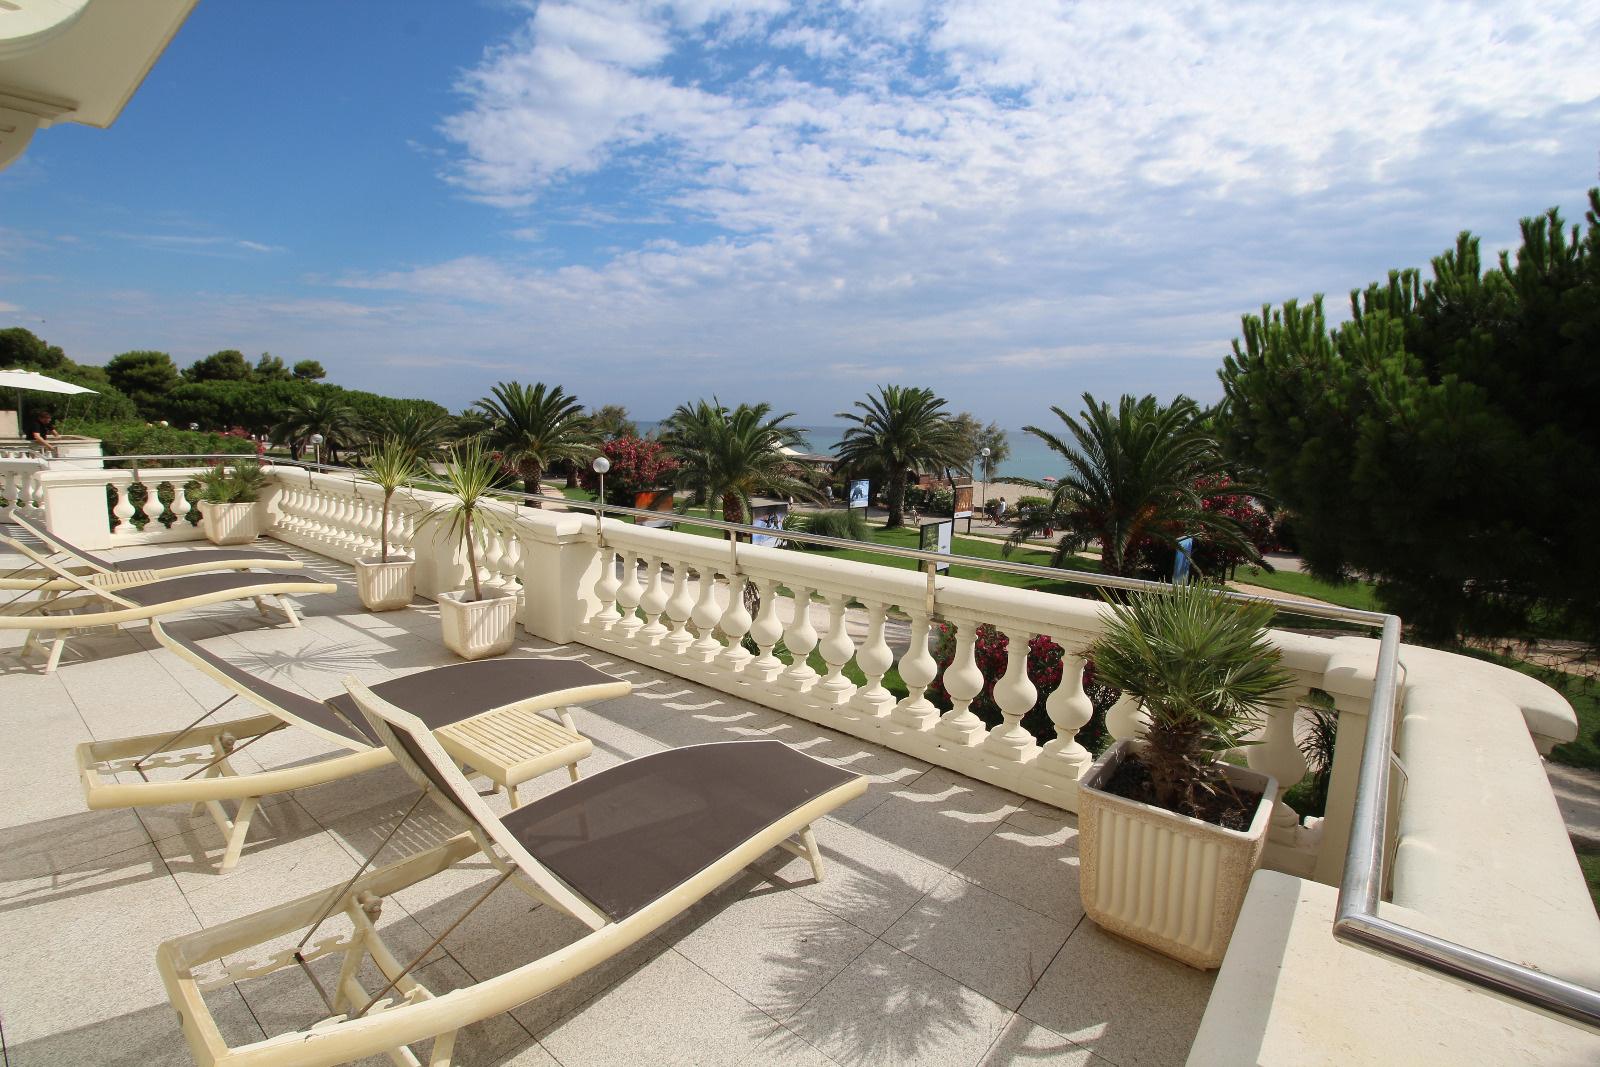 Immobilier argeles plage location et vente appartement for Vente bien immobilier atypique